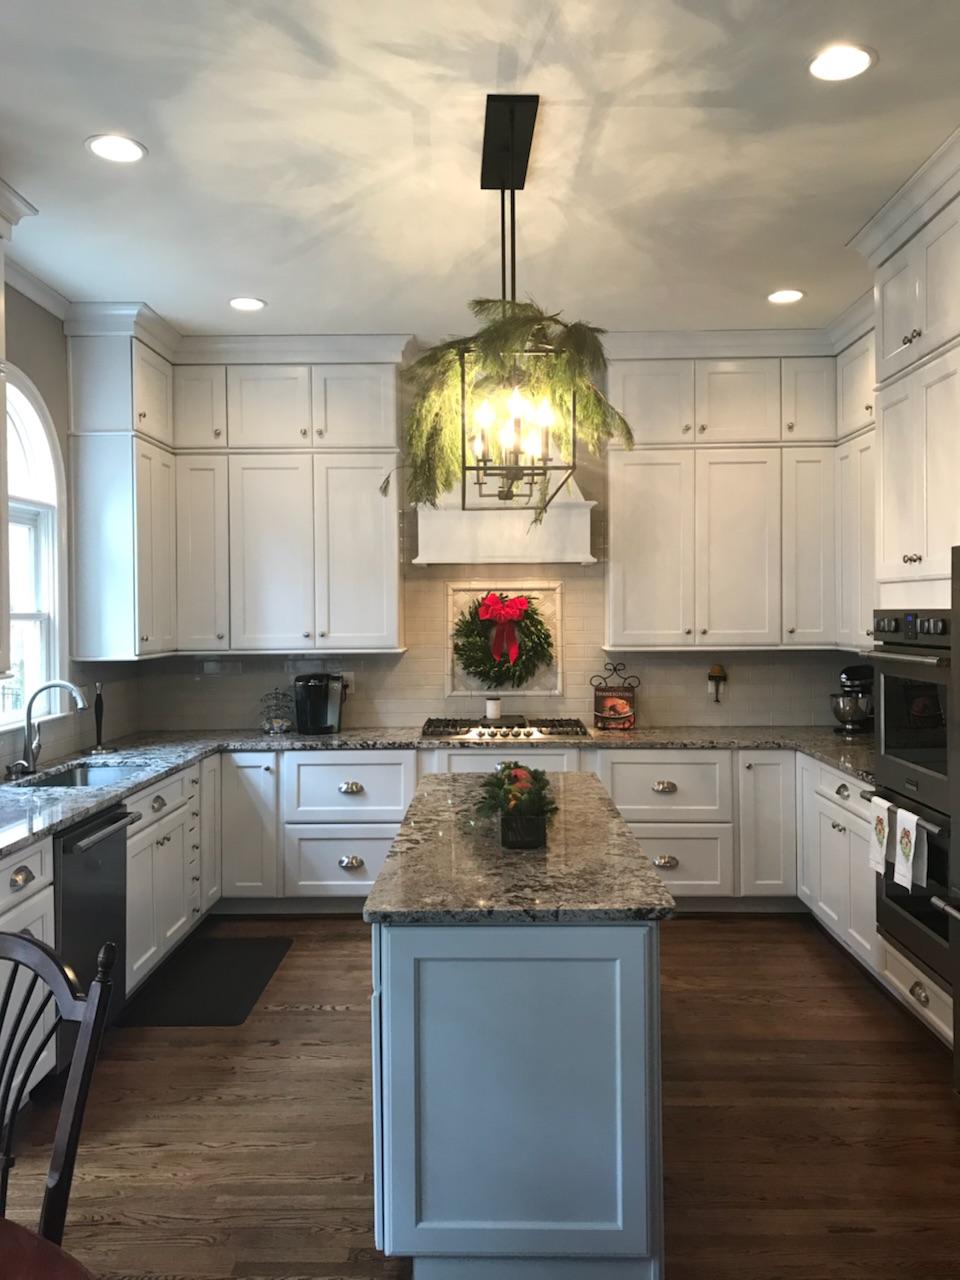 Oliver remodel kitchen 3